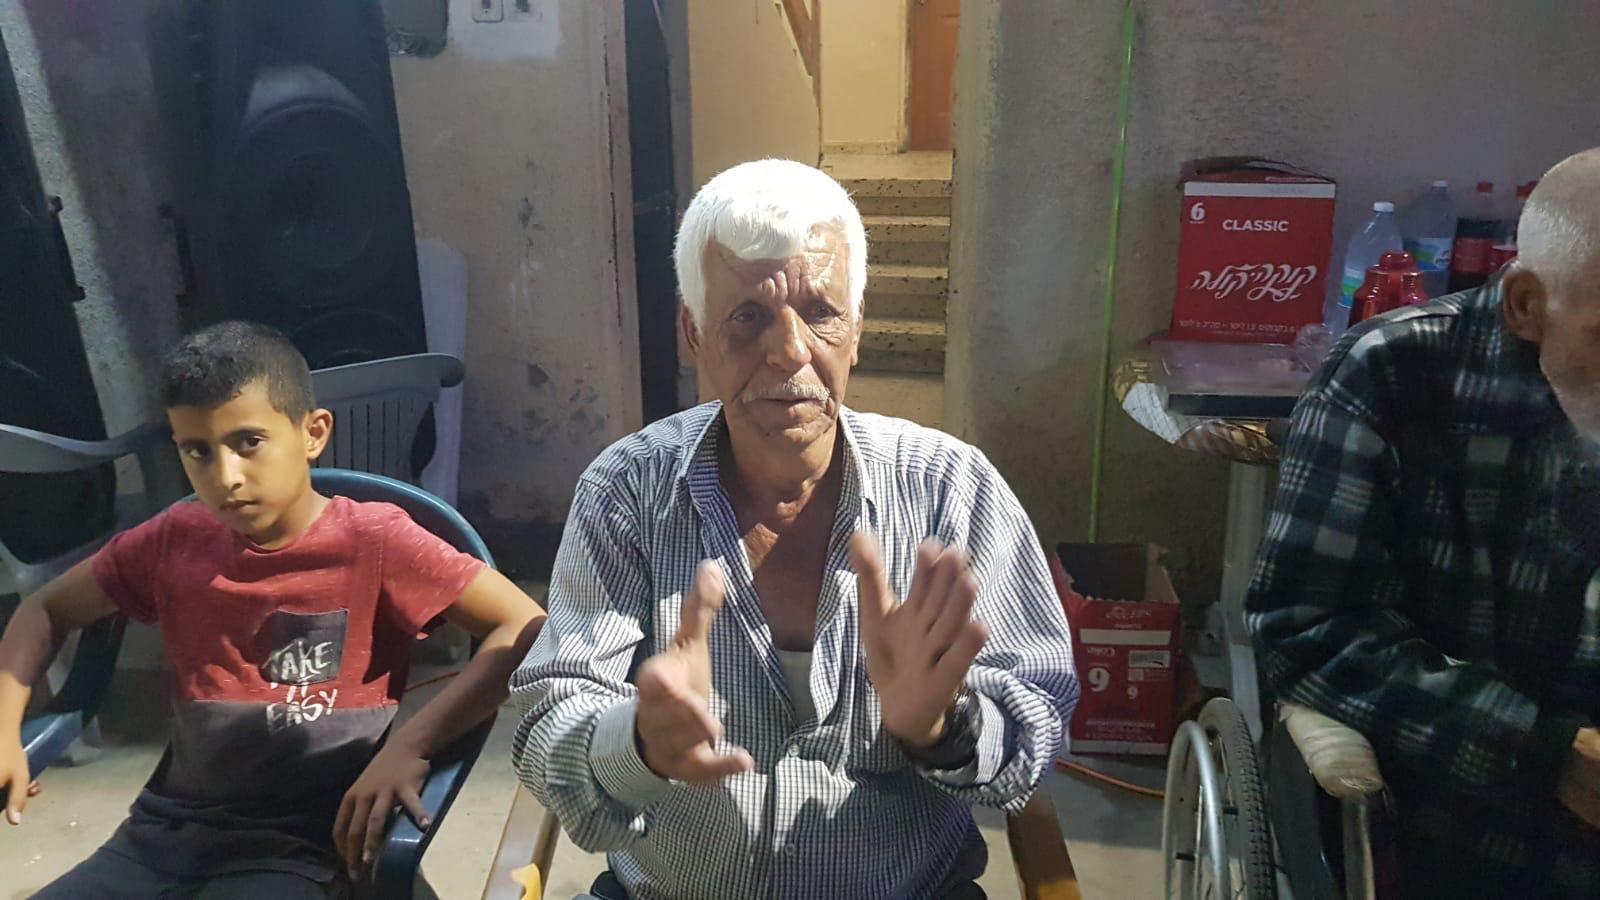 احتفالات تعمّ ام الفحم عشيّة الإفراج عن ظافر فتحي جبارين بعد مكوثه في المعتقل لـ17 عاماً